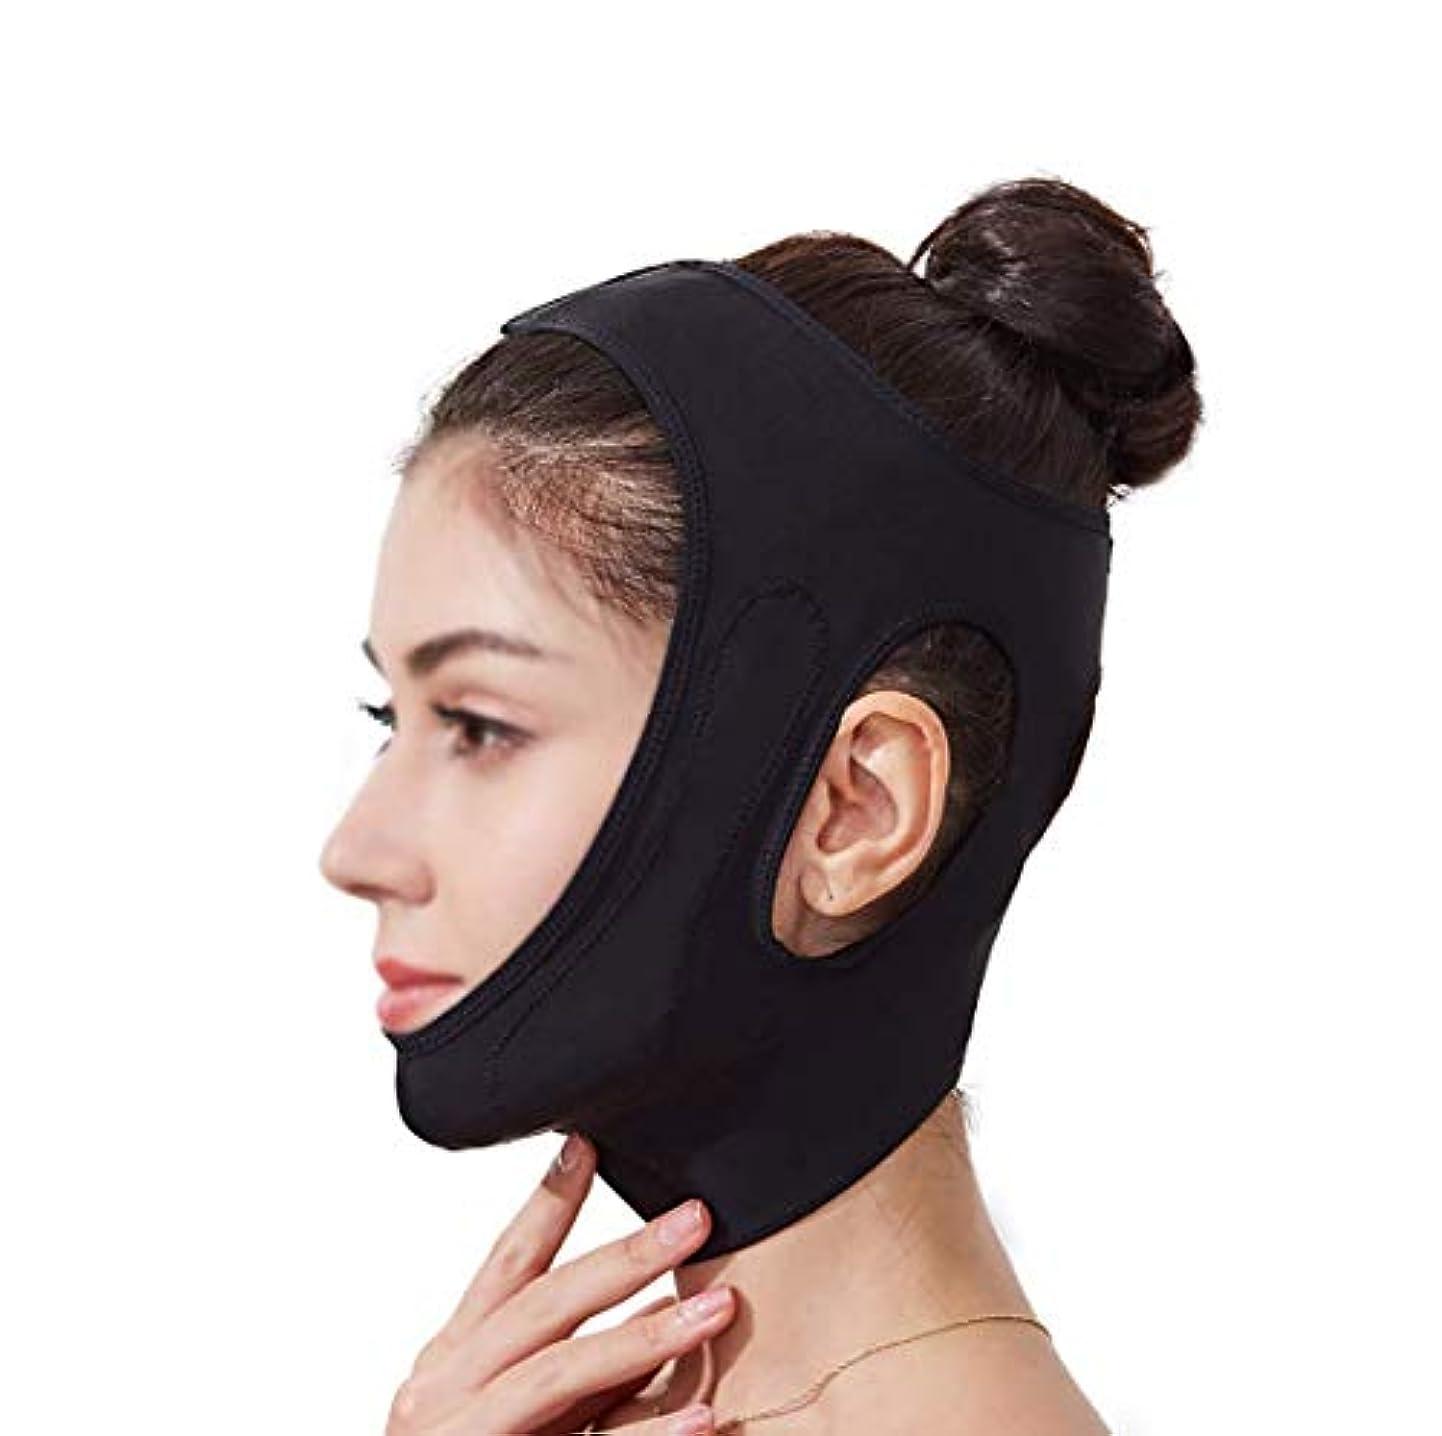 ディンカルビル夫真っ逆さまフェイスリフティングマスク、360°オールラウンドリフティングフェイシャルコンター、あごを閉じて肌を引き締め、快適でフェイスライトをサポートし、通気性を保ちます(サイズ:ブラック),ブラック